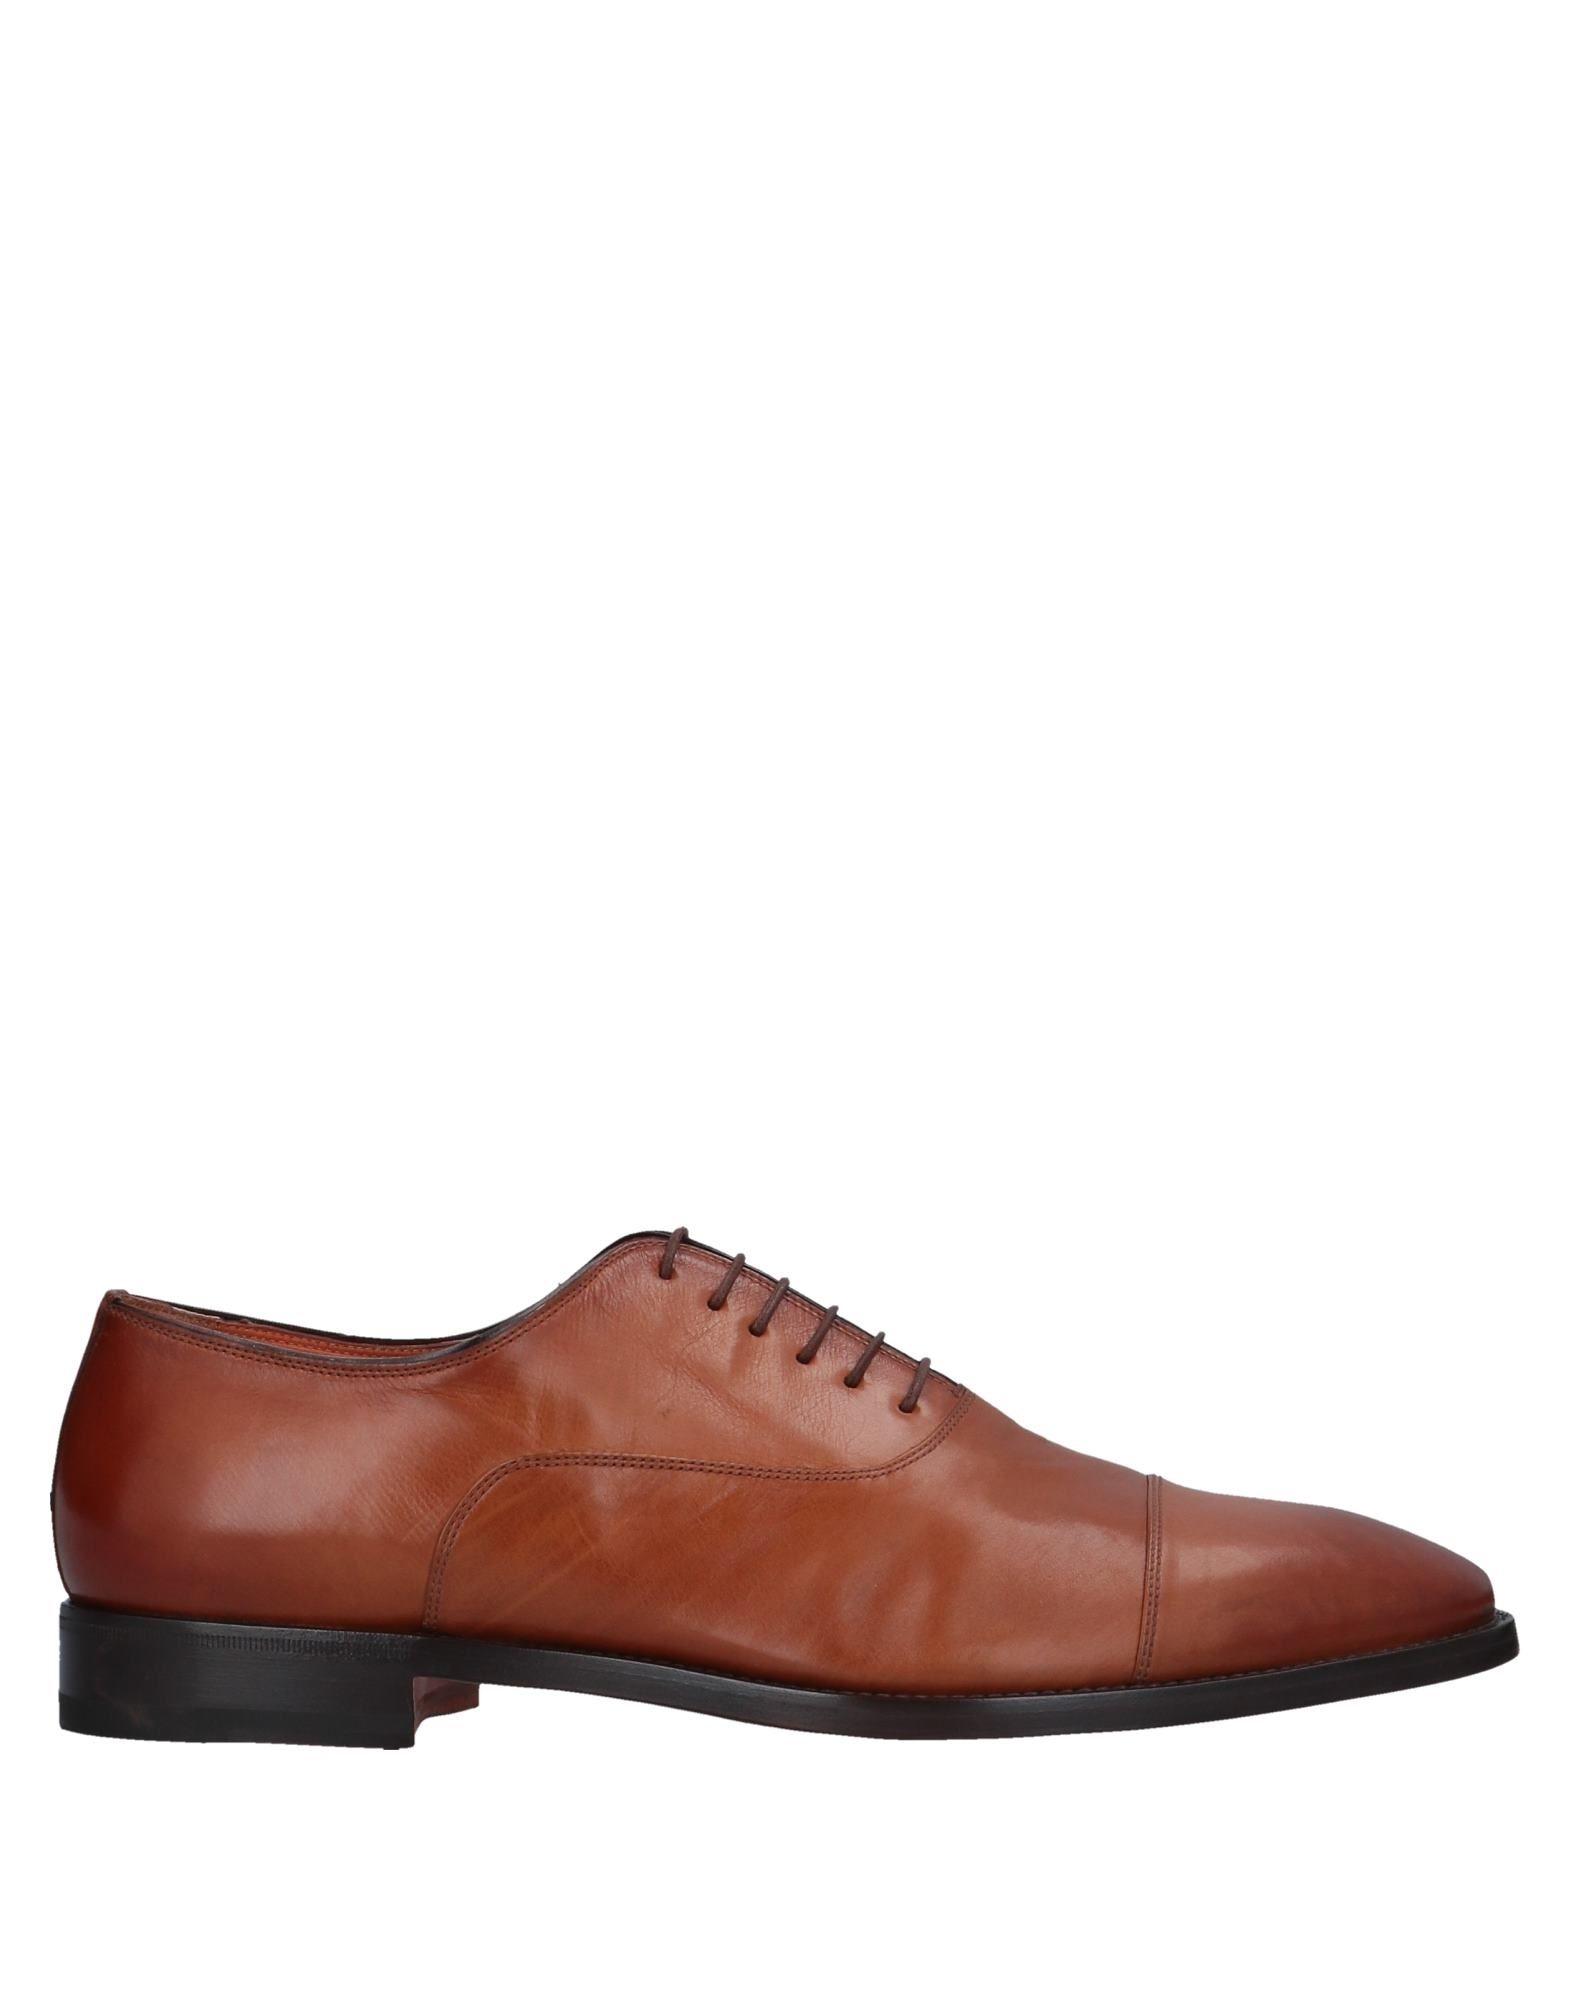 Santoni Schnürschuhe Herren  11541414CS Gute Qualität beliebte Schuhe